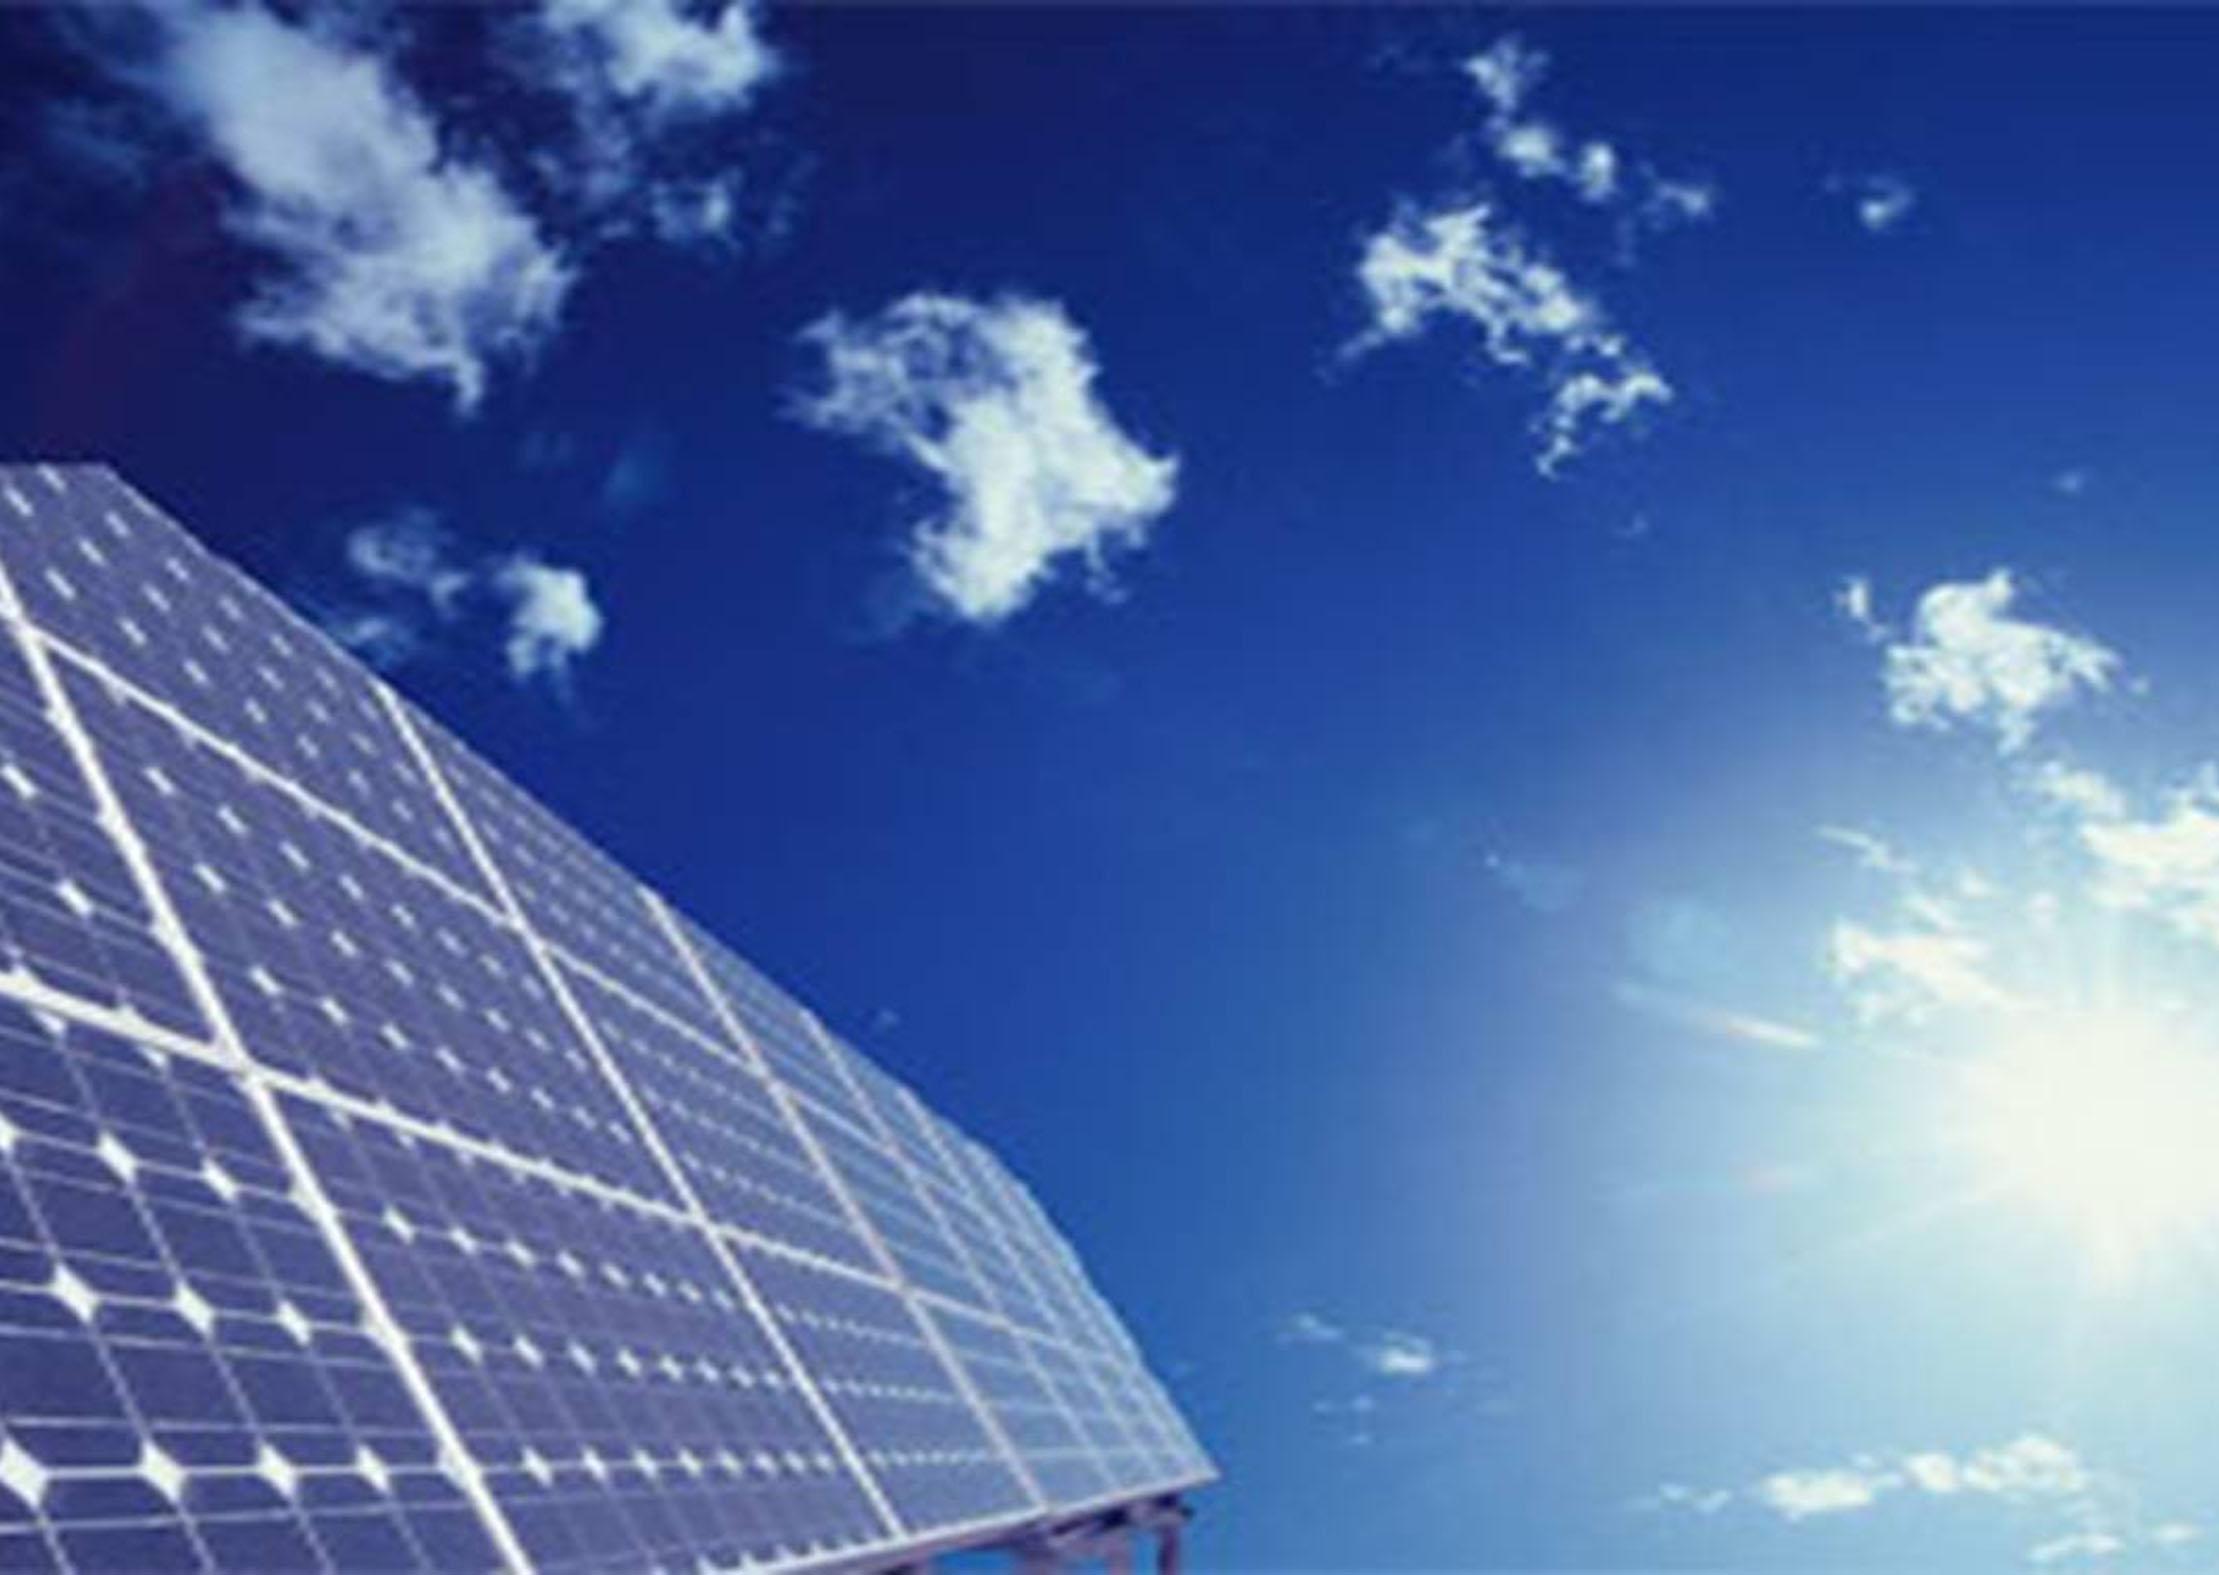 νέο ξεκίνημα για την αγορά φωτοβολταϊκών